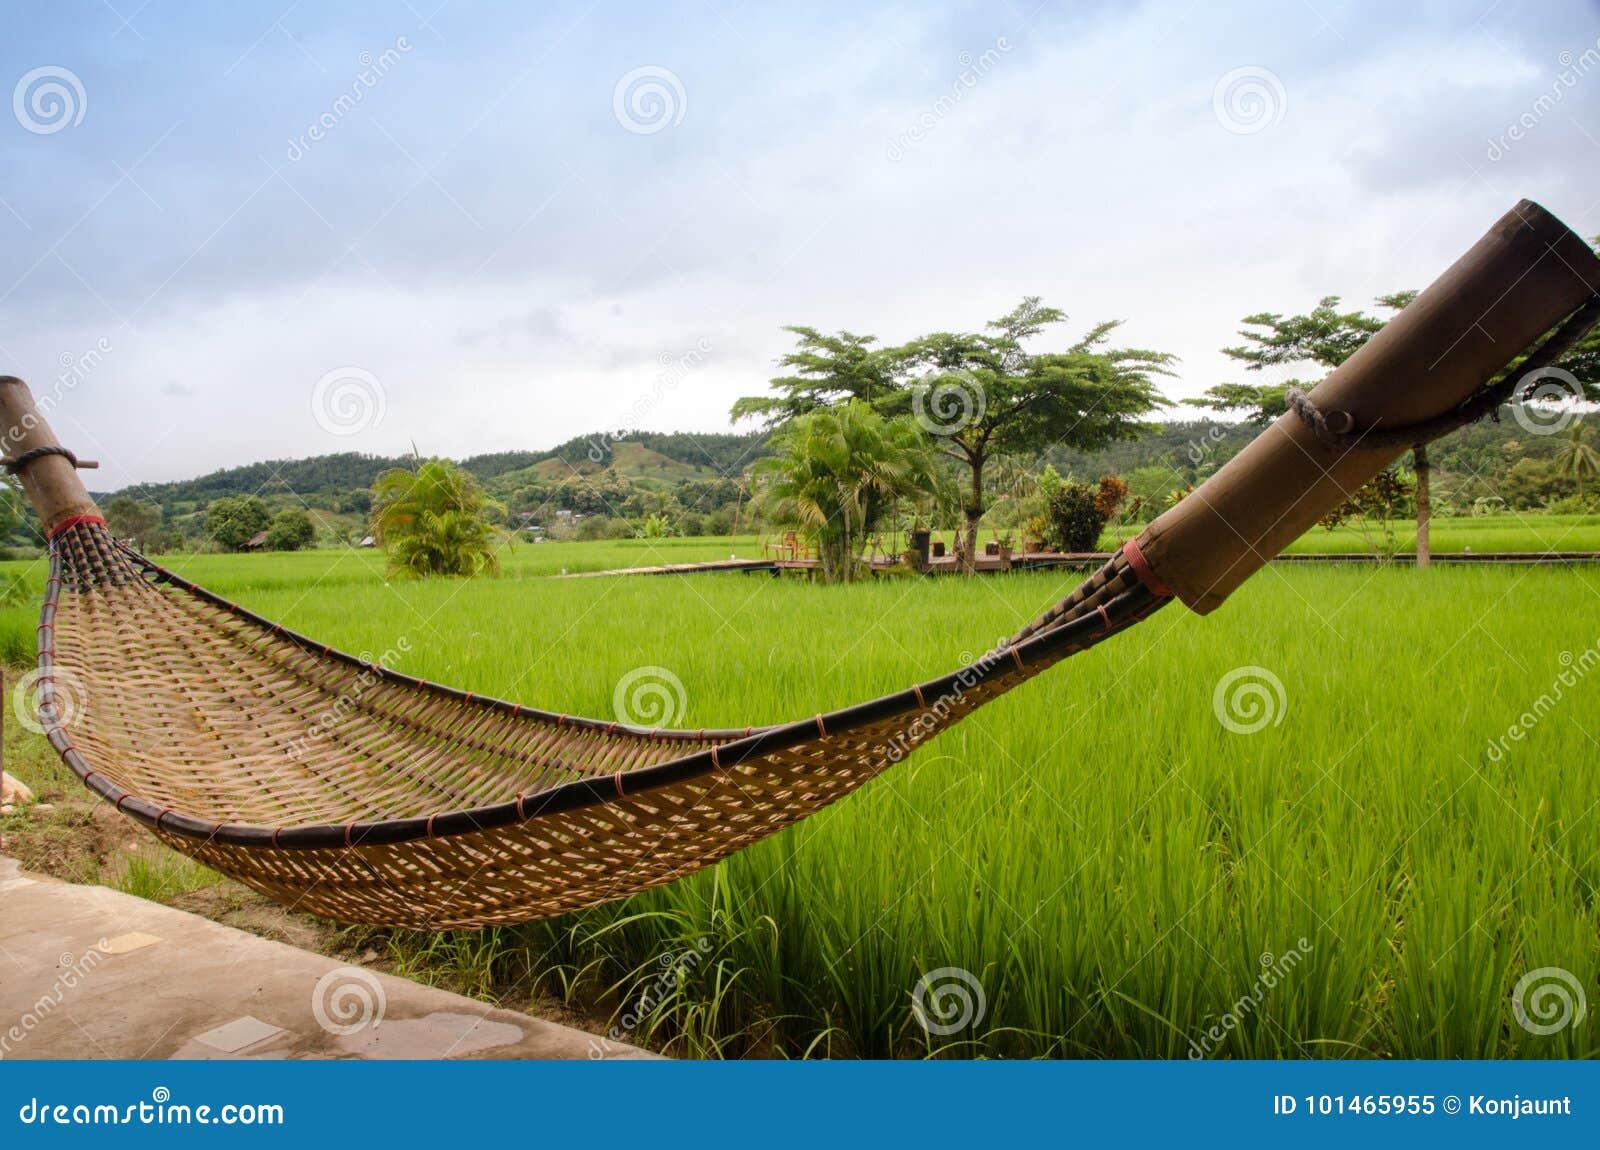 l'hamac en bambou accroche sur le balcon fait de matériel indigène